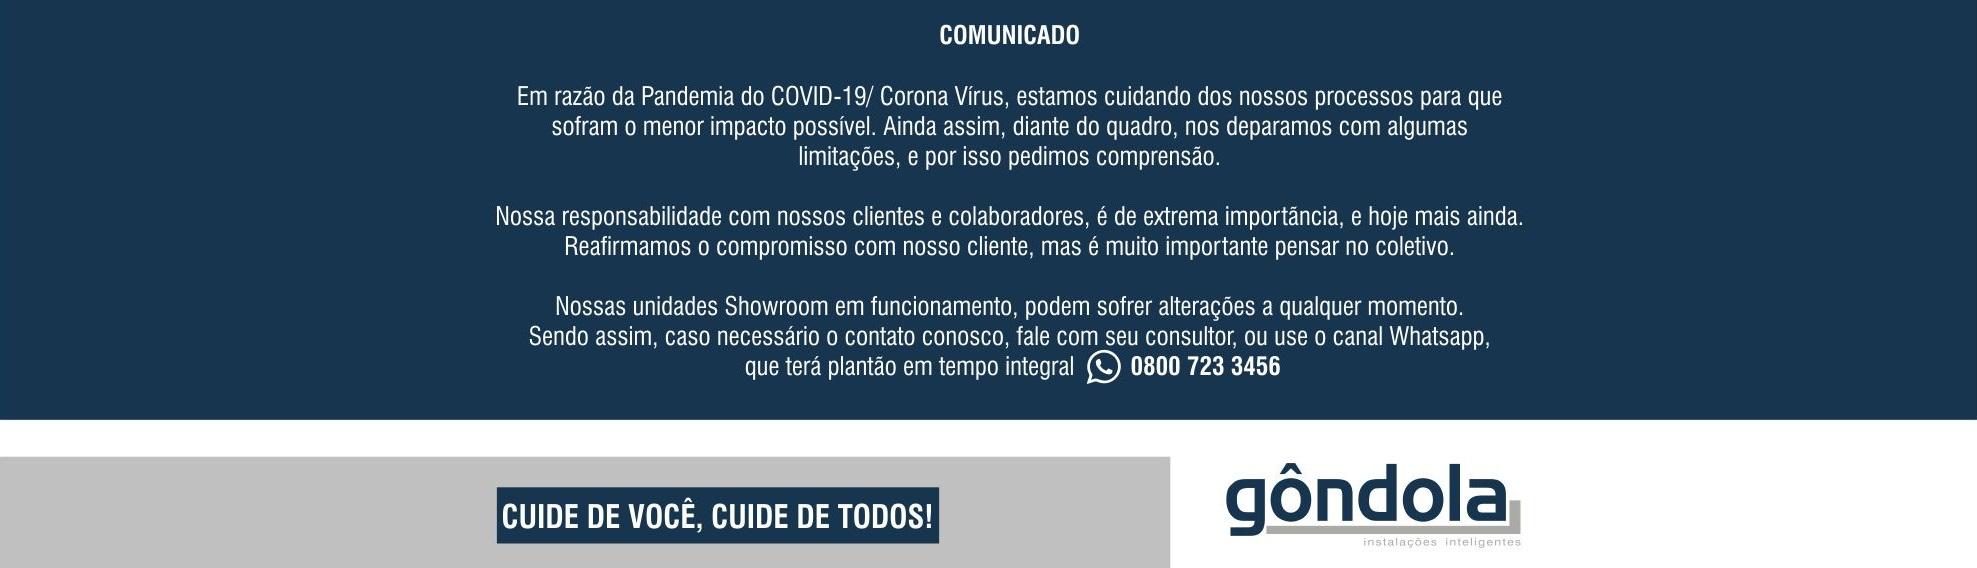 Informativo Corona